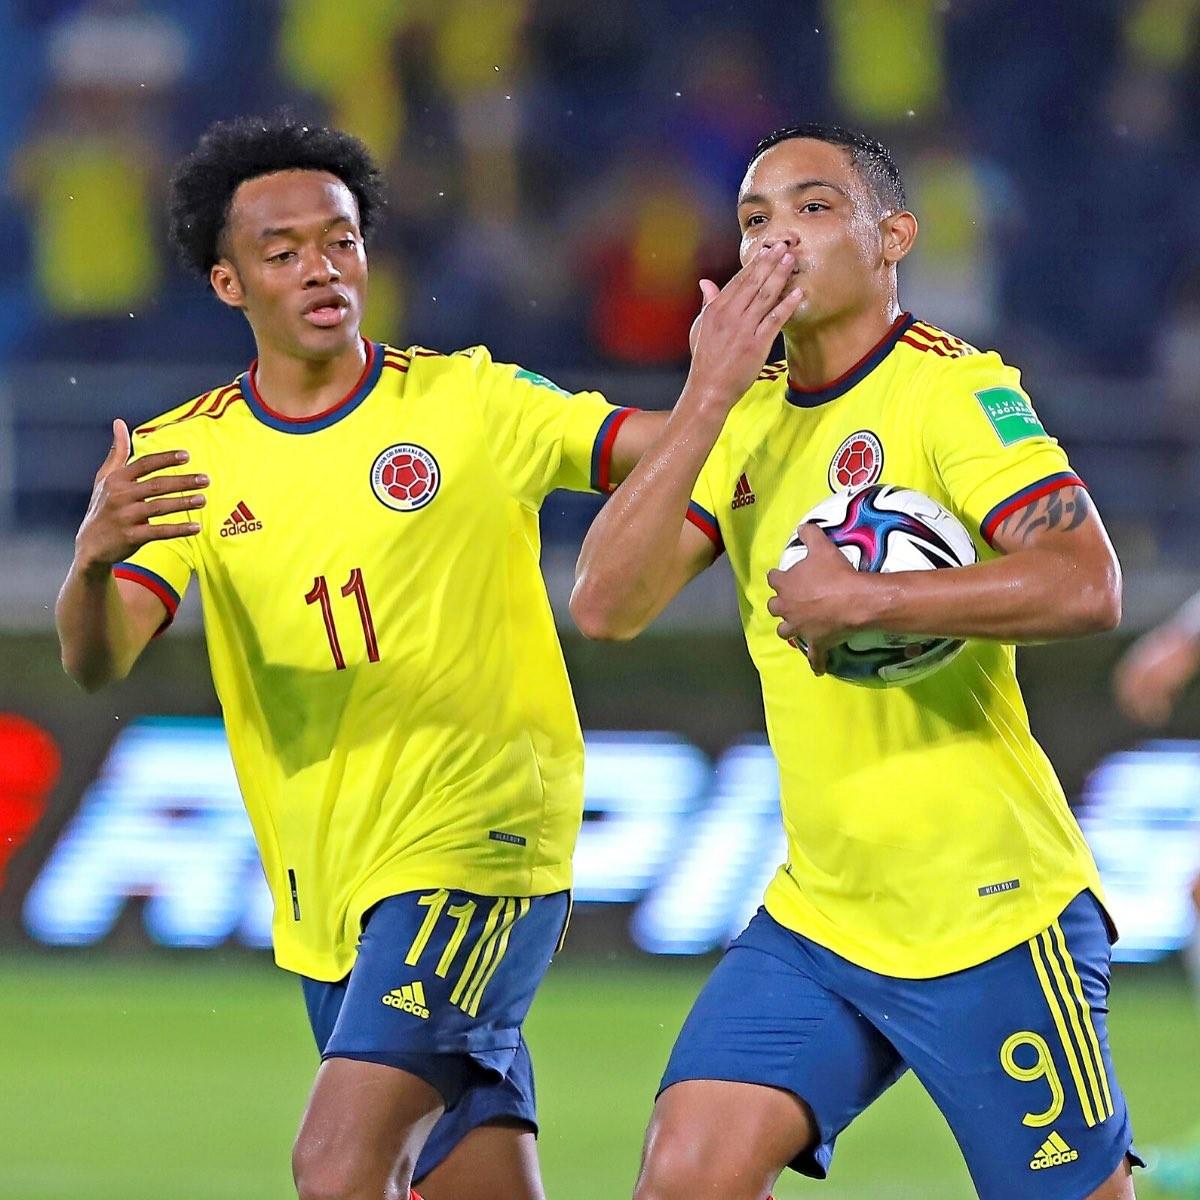 Seleccion Colombia vs Argentina Eliminatorias Sudamericanas 2